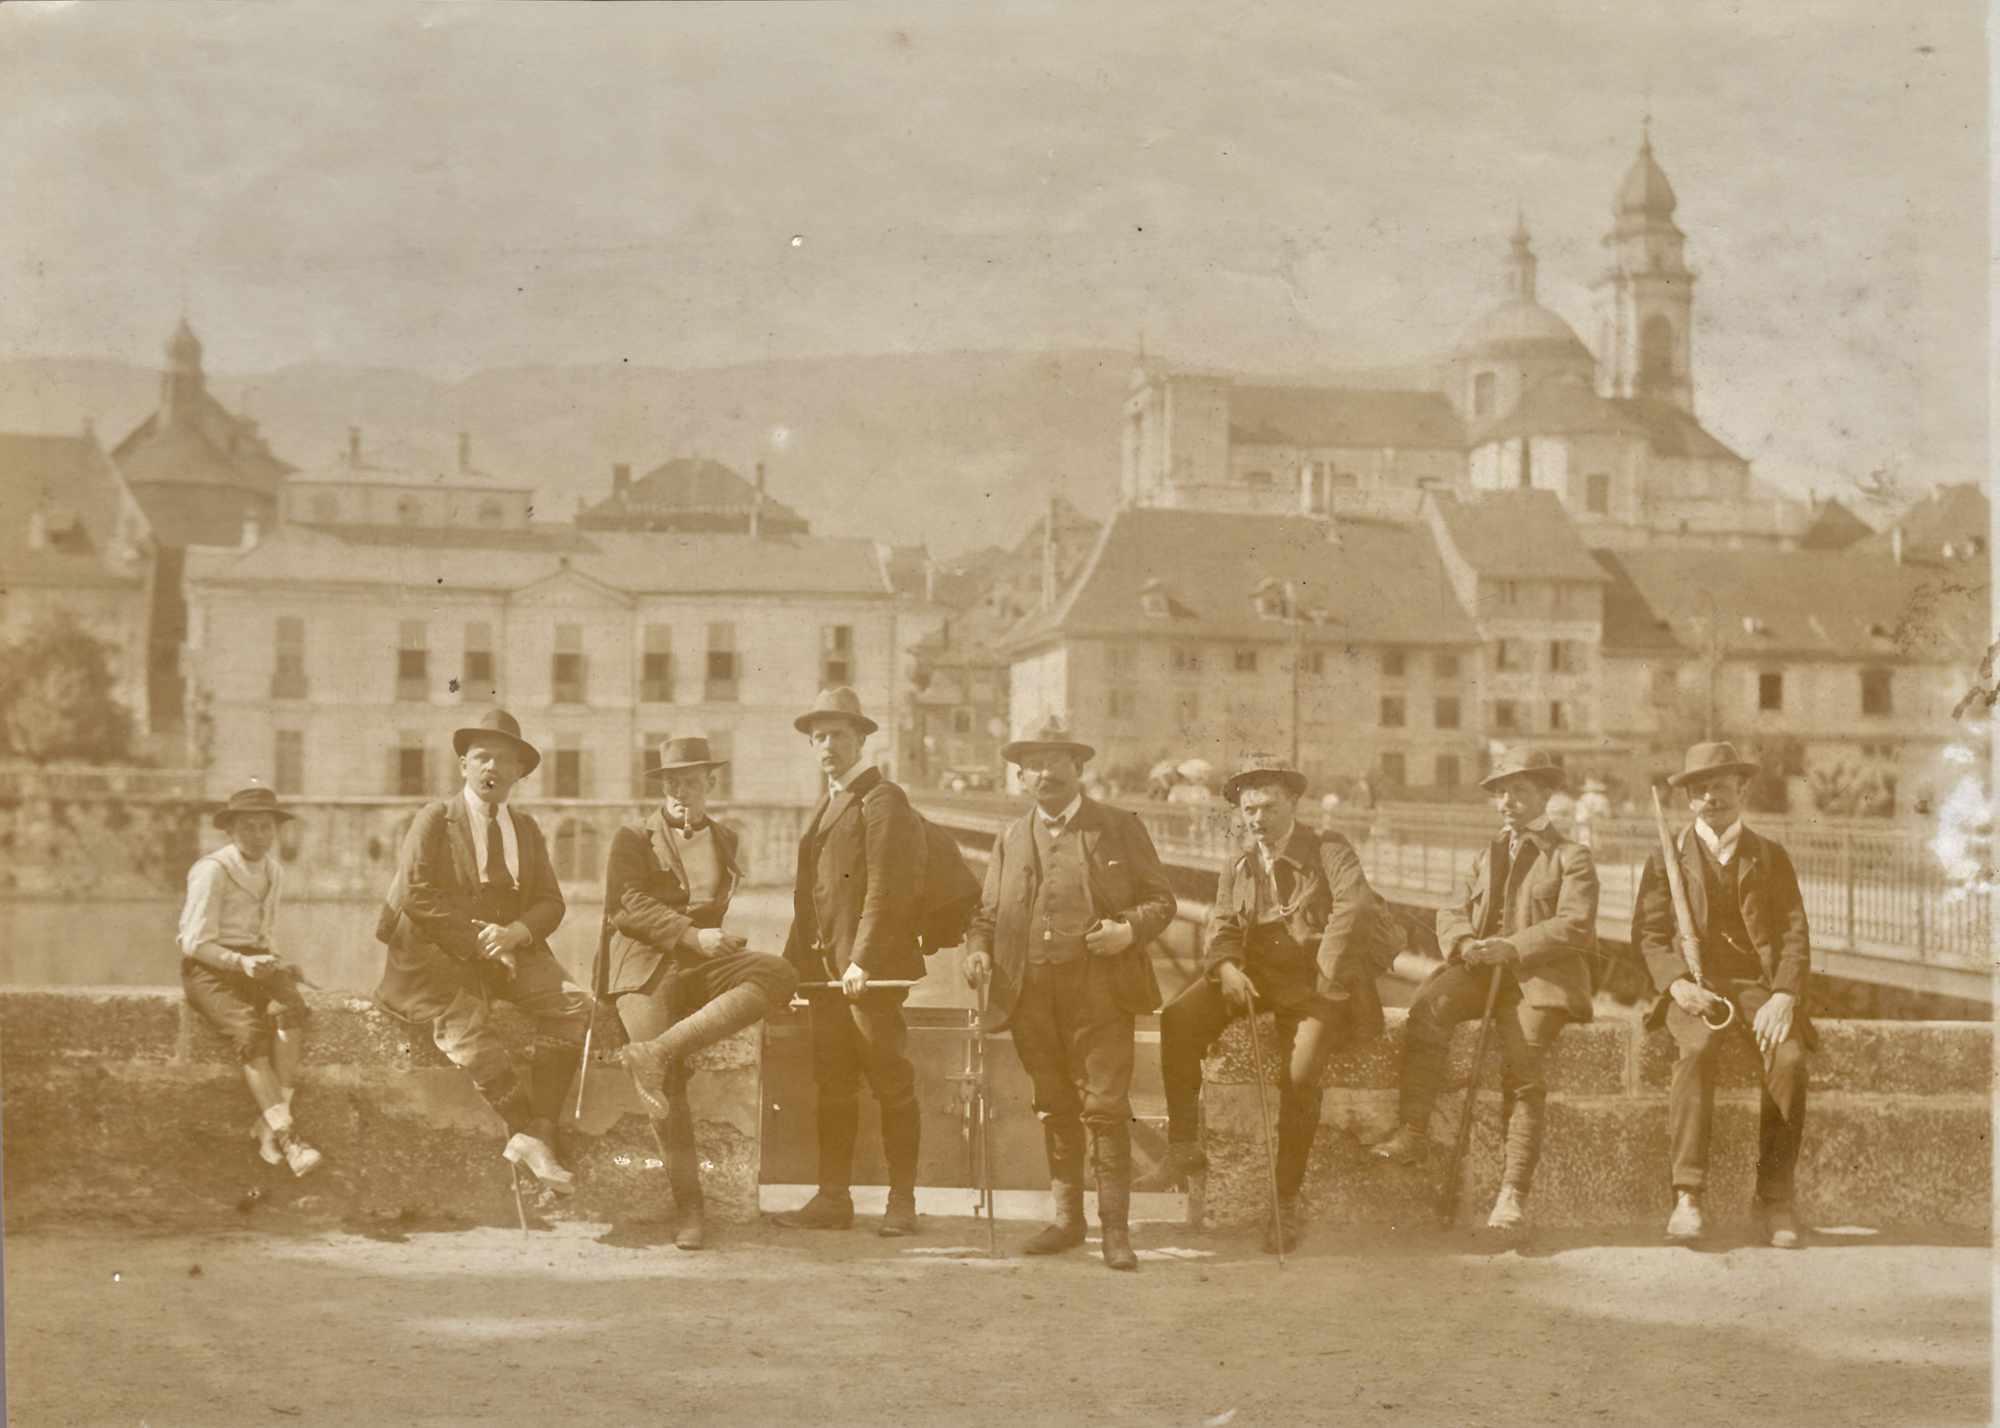 Bild: Männergruppe in Solothurn, Hintergrund St. Ursen-Kathedrale (ca. 1900)